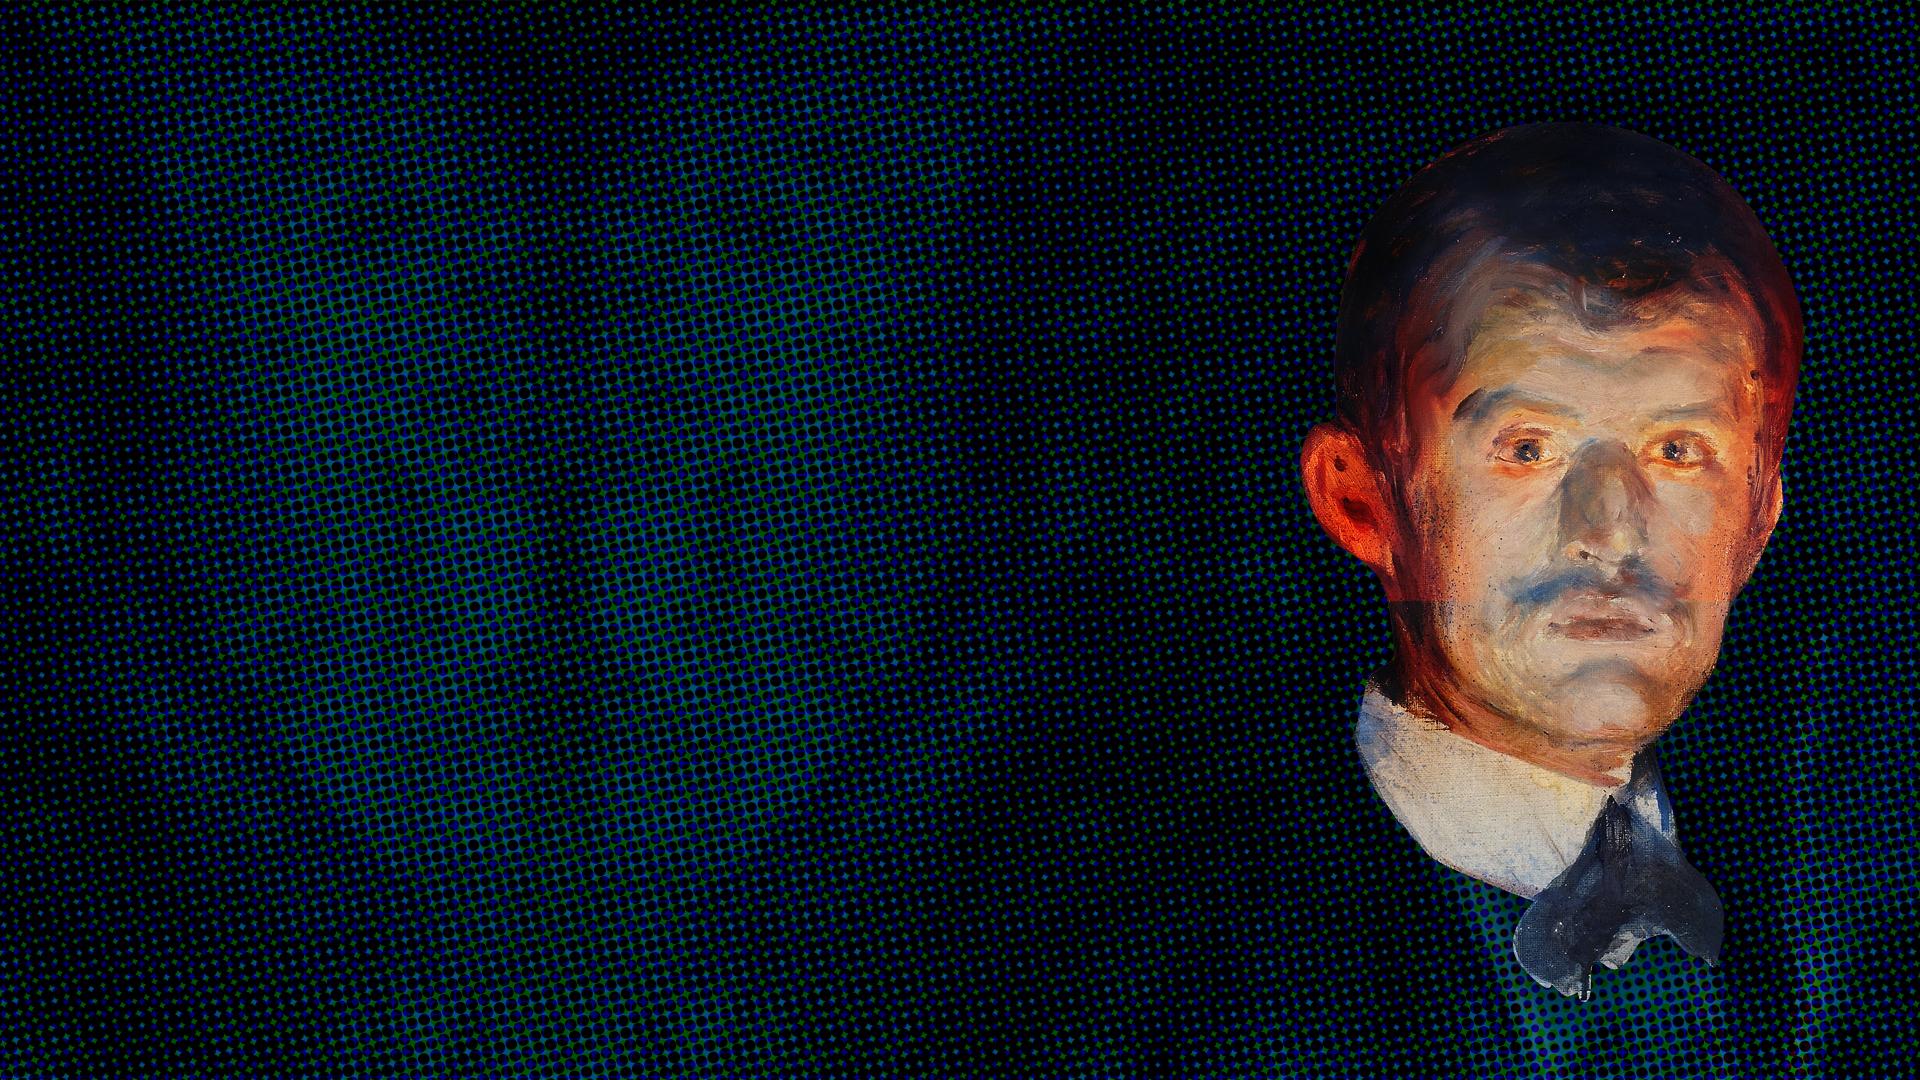 Munch in Hell / Munch i Helvete